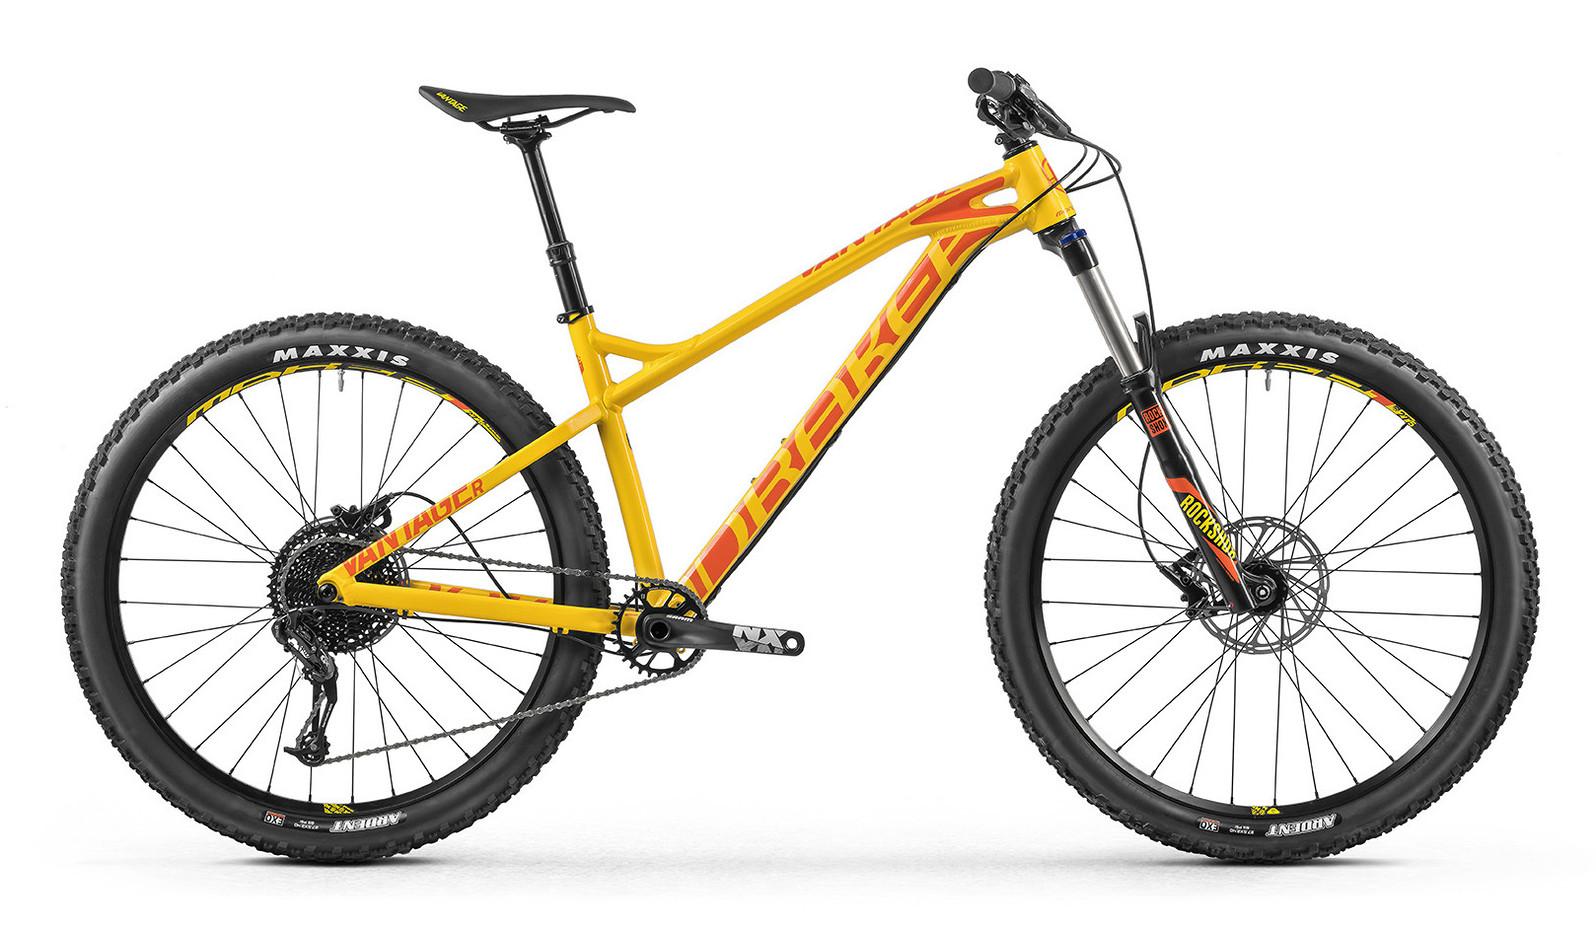 32f3ed6ccf1 2018 Mondraker Vantage R Bike - Reviews, Comparisons, Specs ...